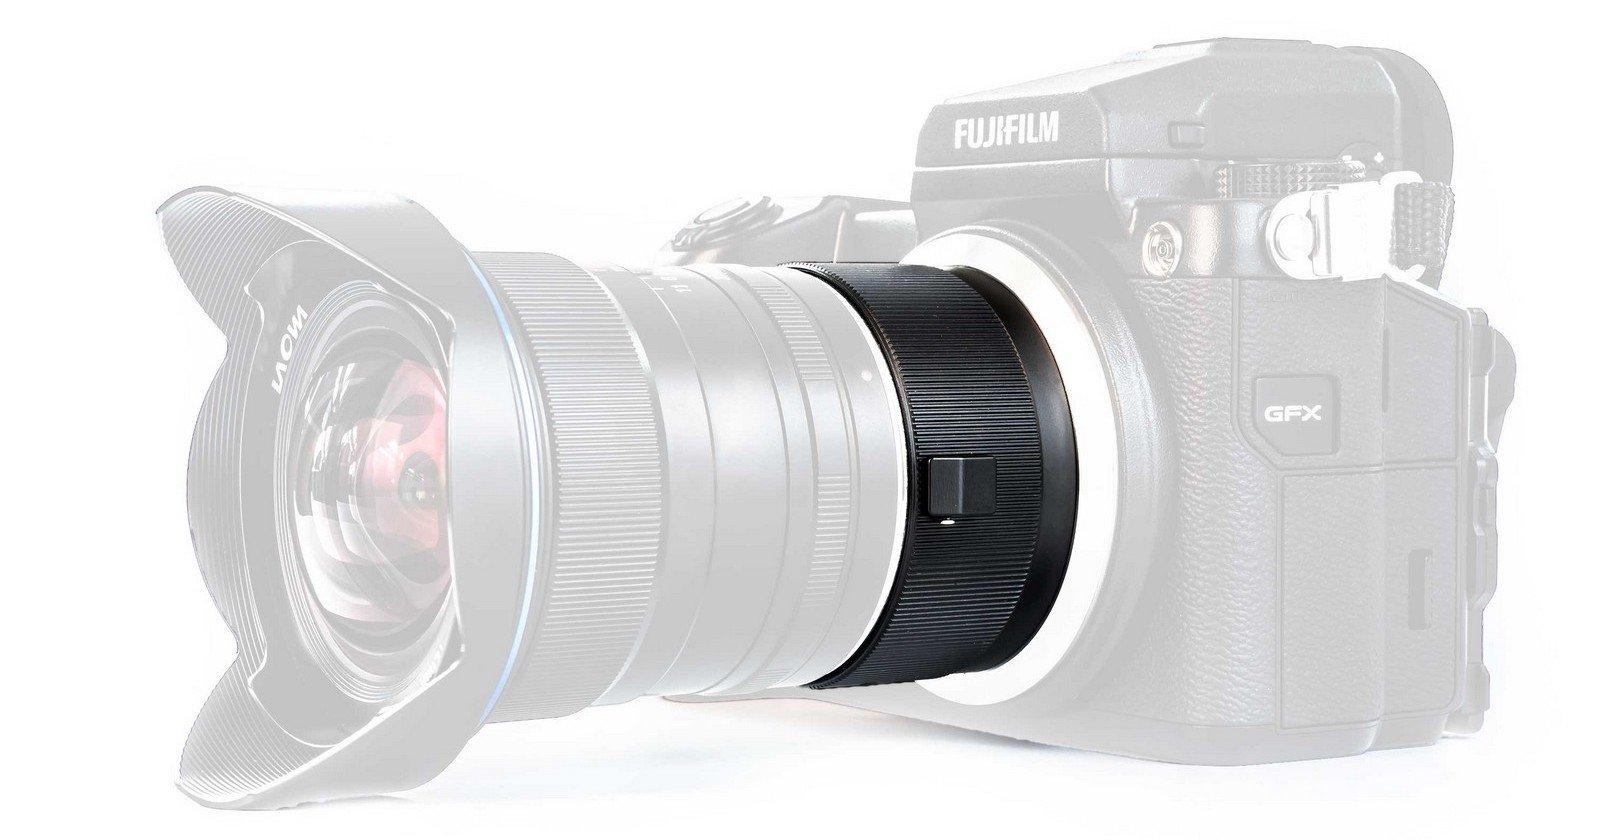 This Laowa Adapter Magnifies Full Frame Lenses for Fuji Medium Format